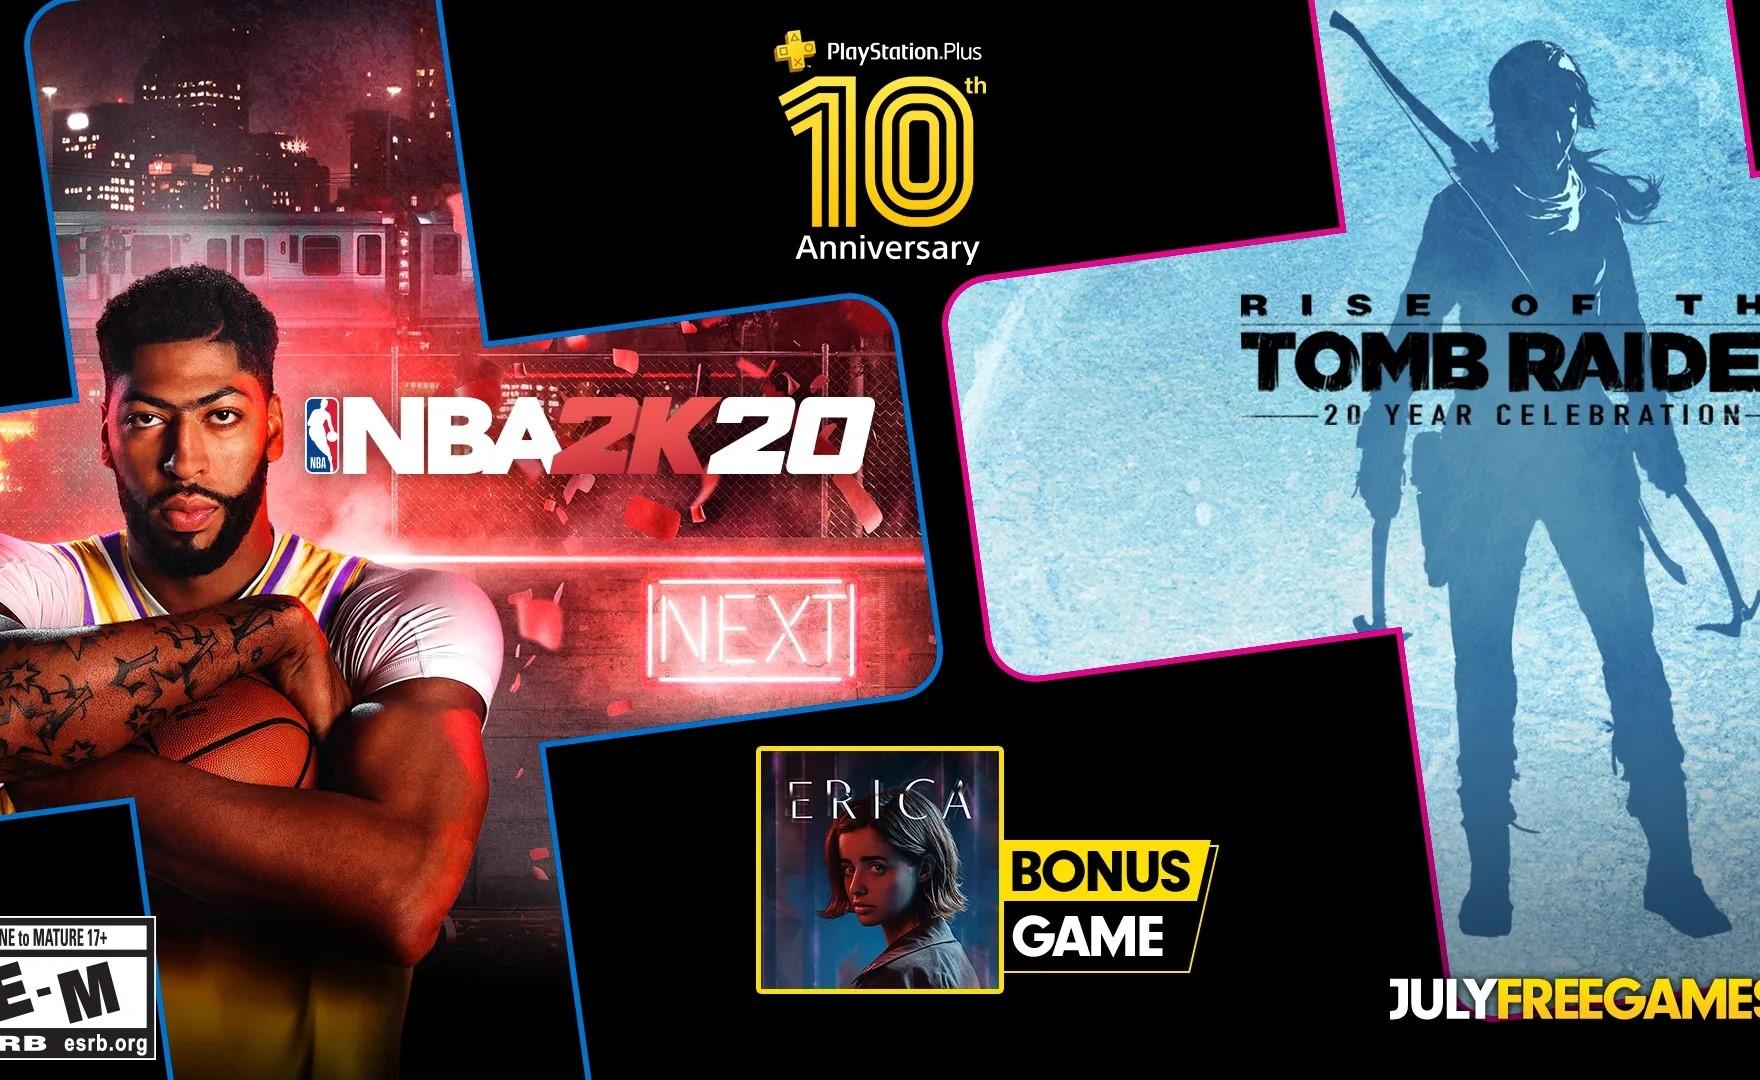 PS Plus luglio 2020: giochi gratis PS4 annunciati, c'è una sorpresa